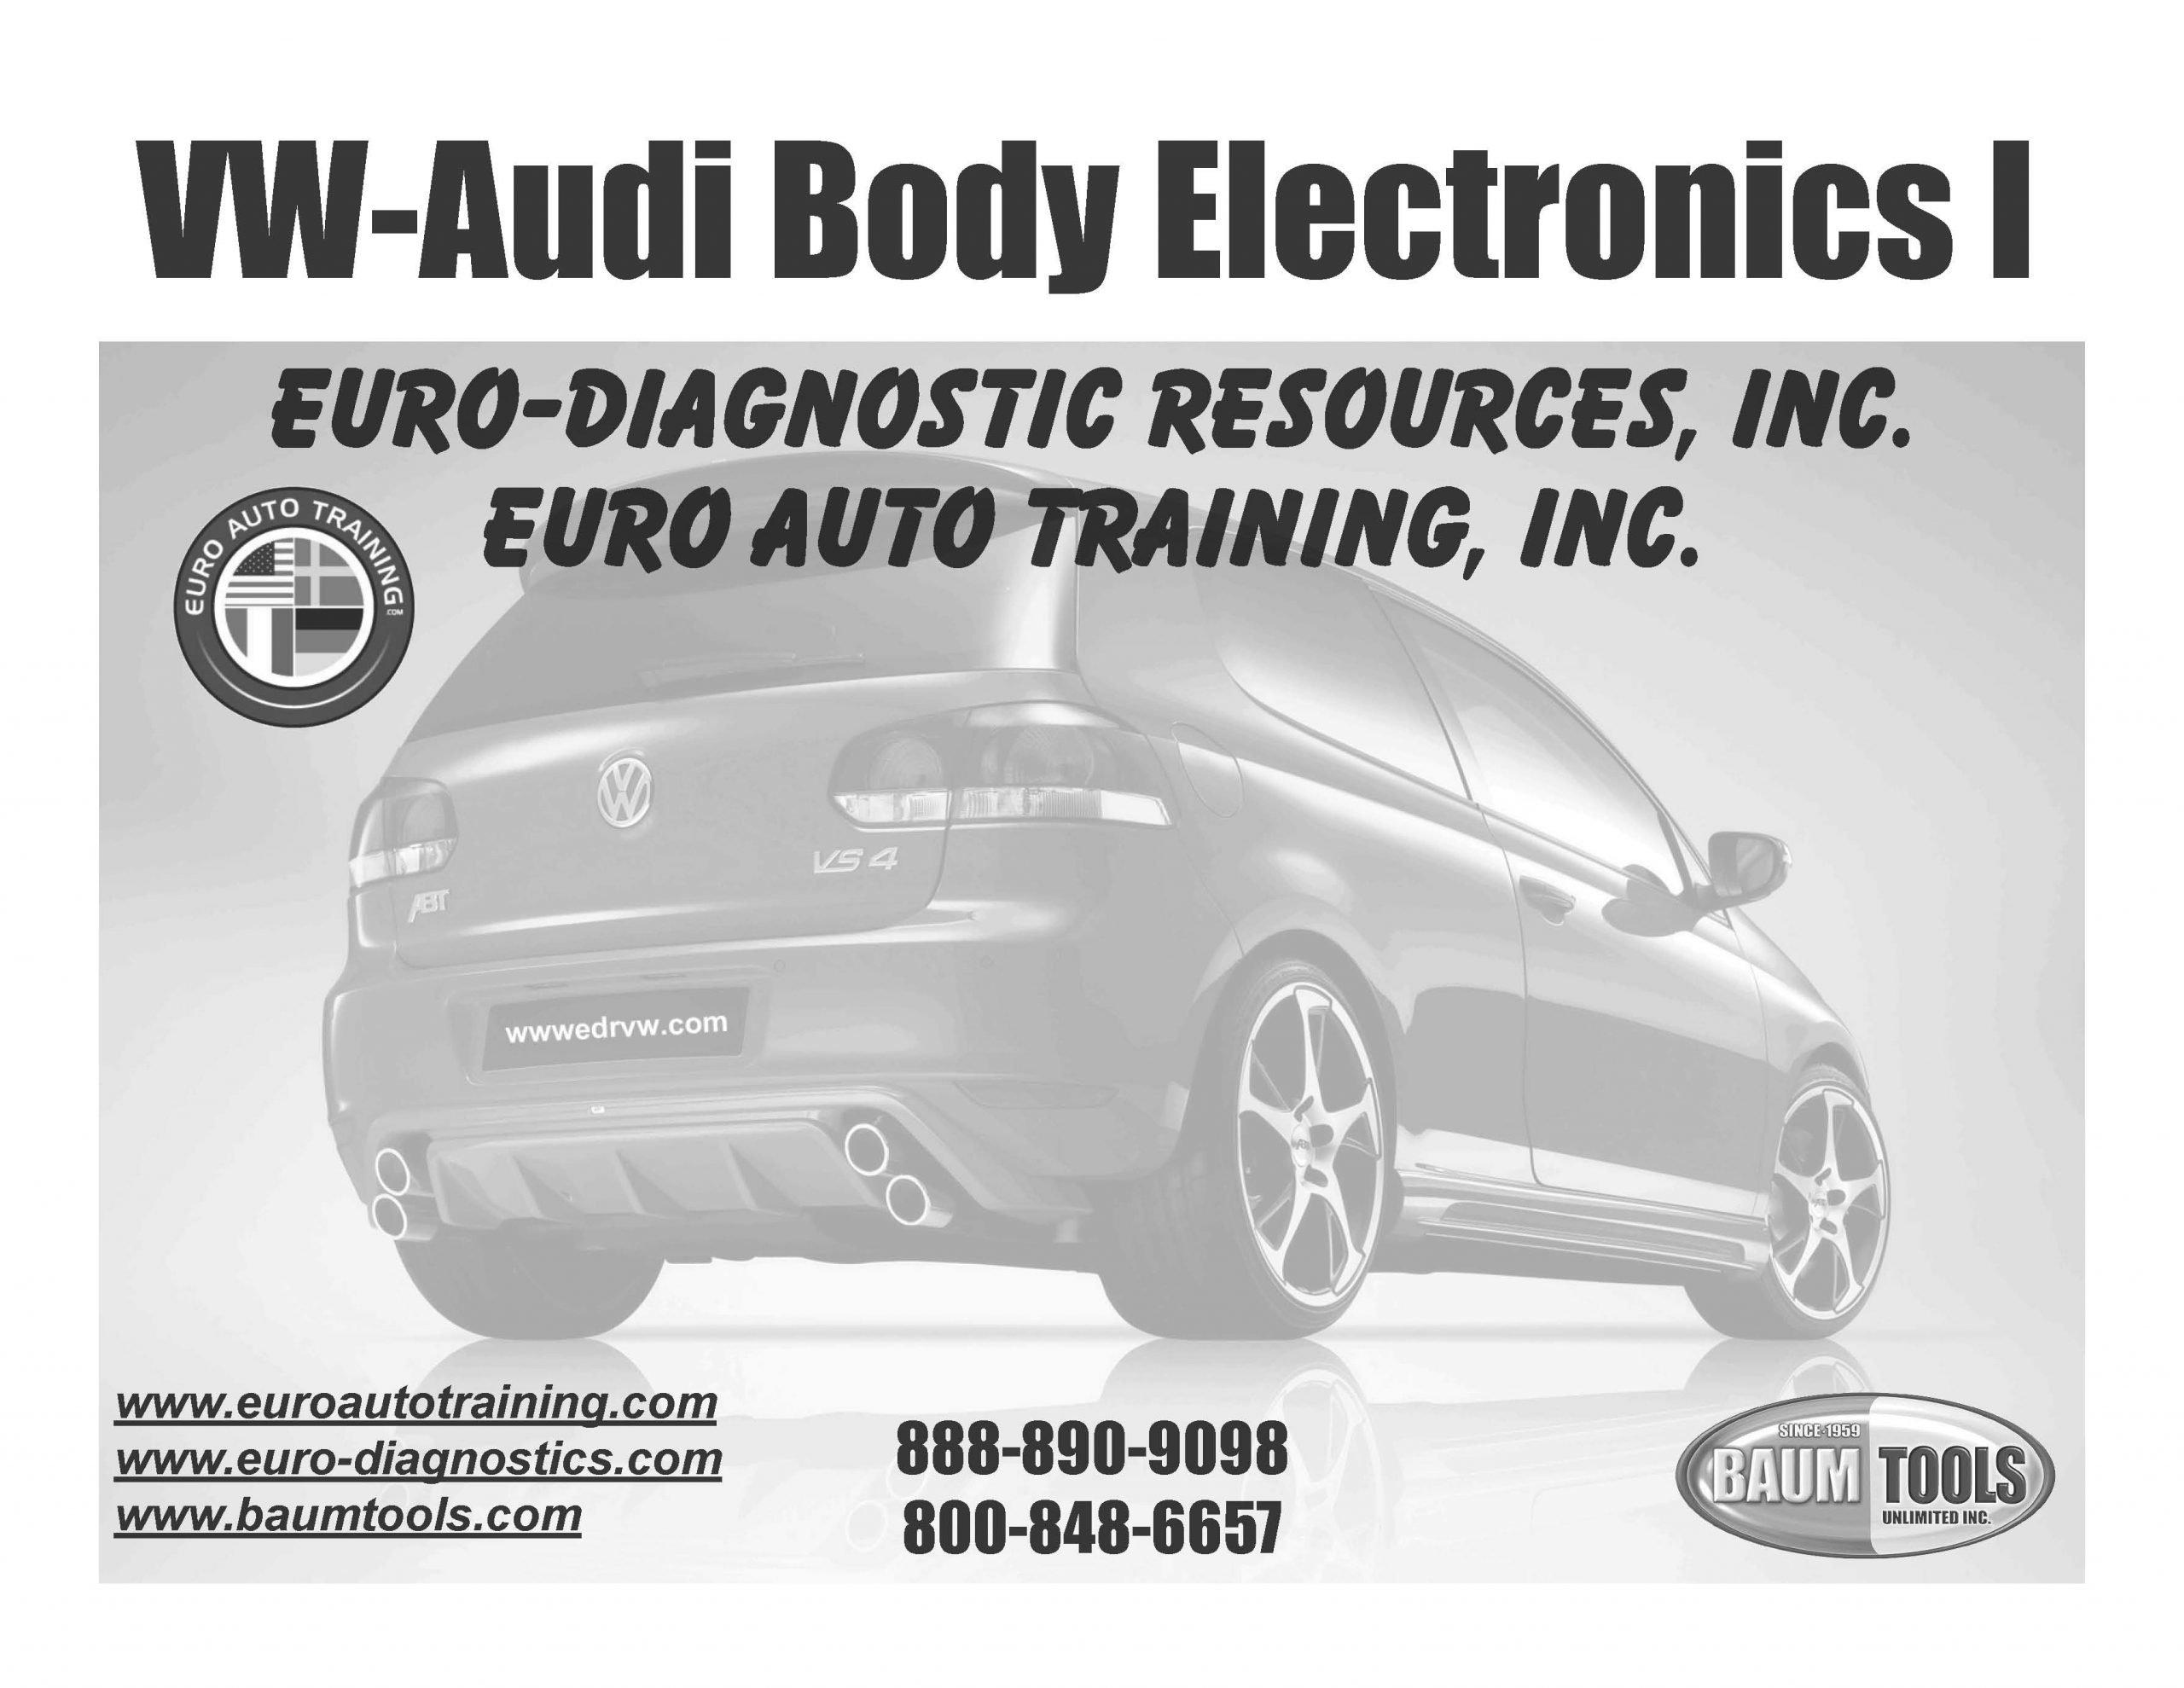 VW-Audi Body Electronics 1